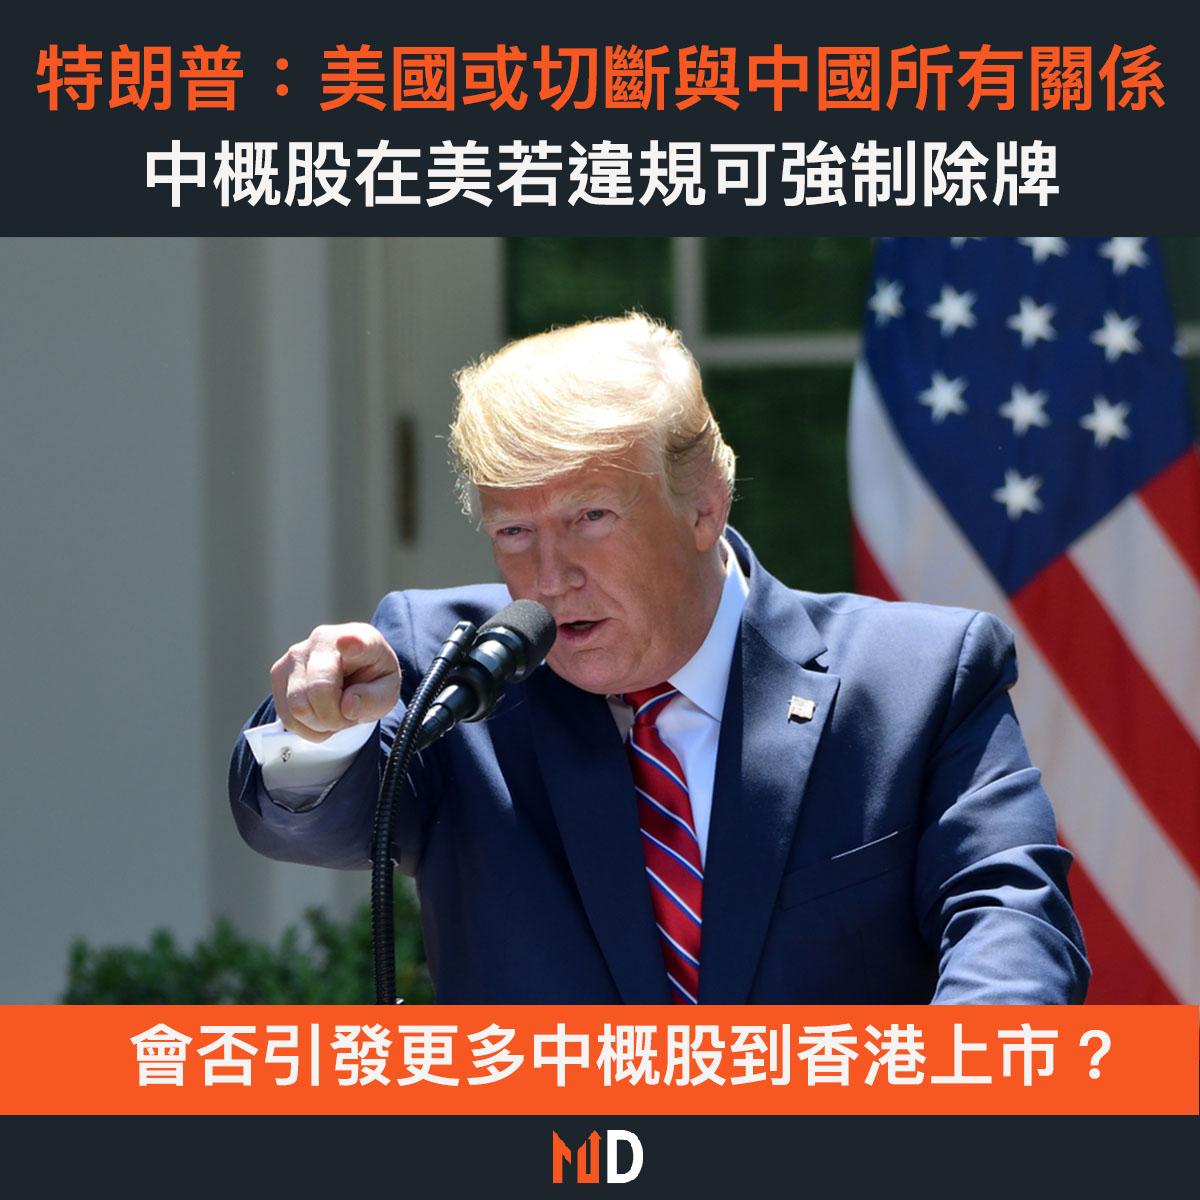 【市場熱話】特朗普:美國或切斷與中國所有關係,中概股在美若違規可強制除牌